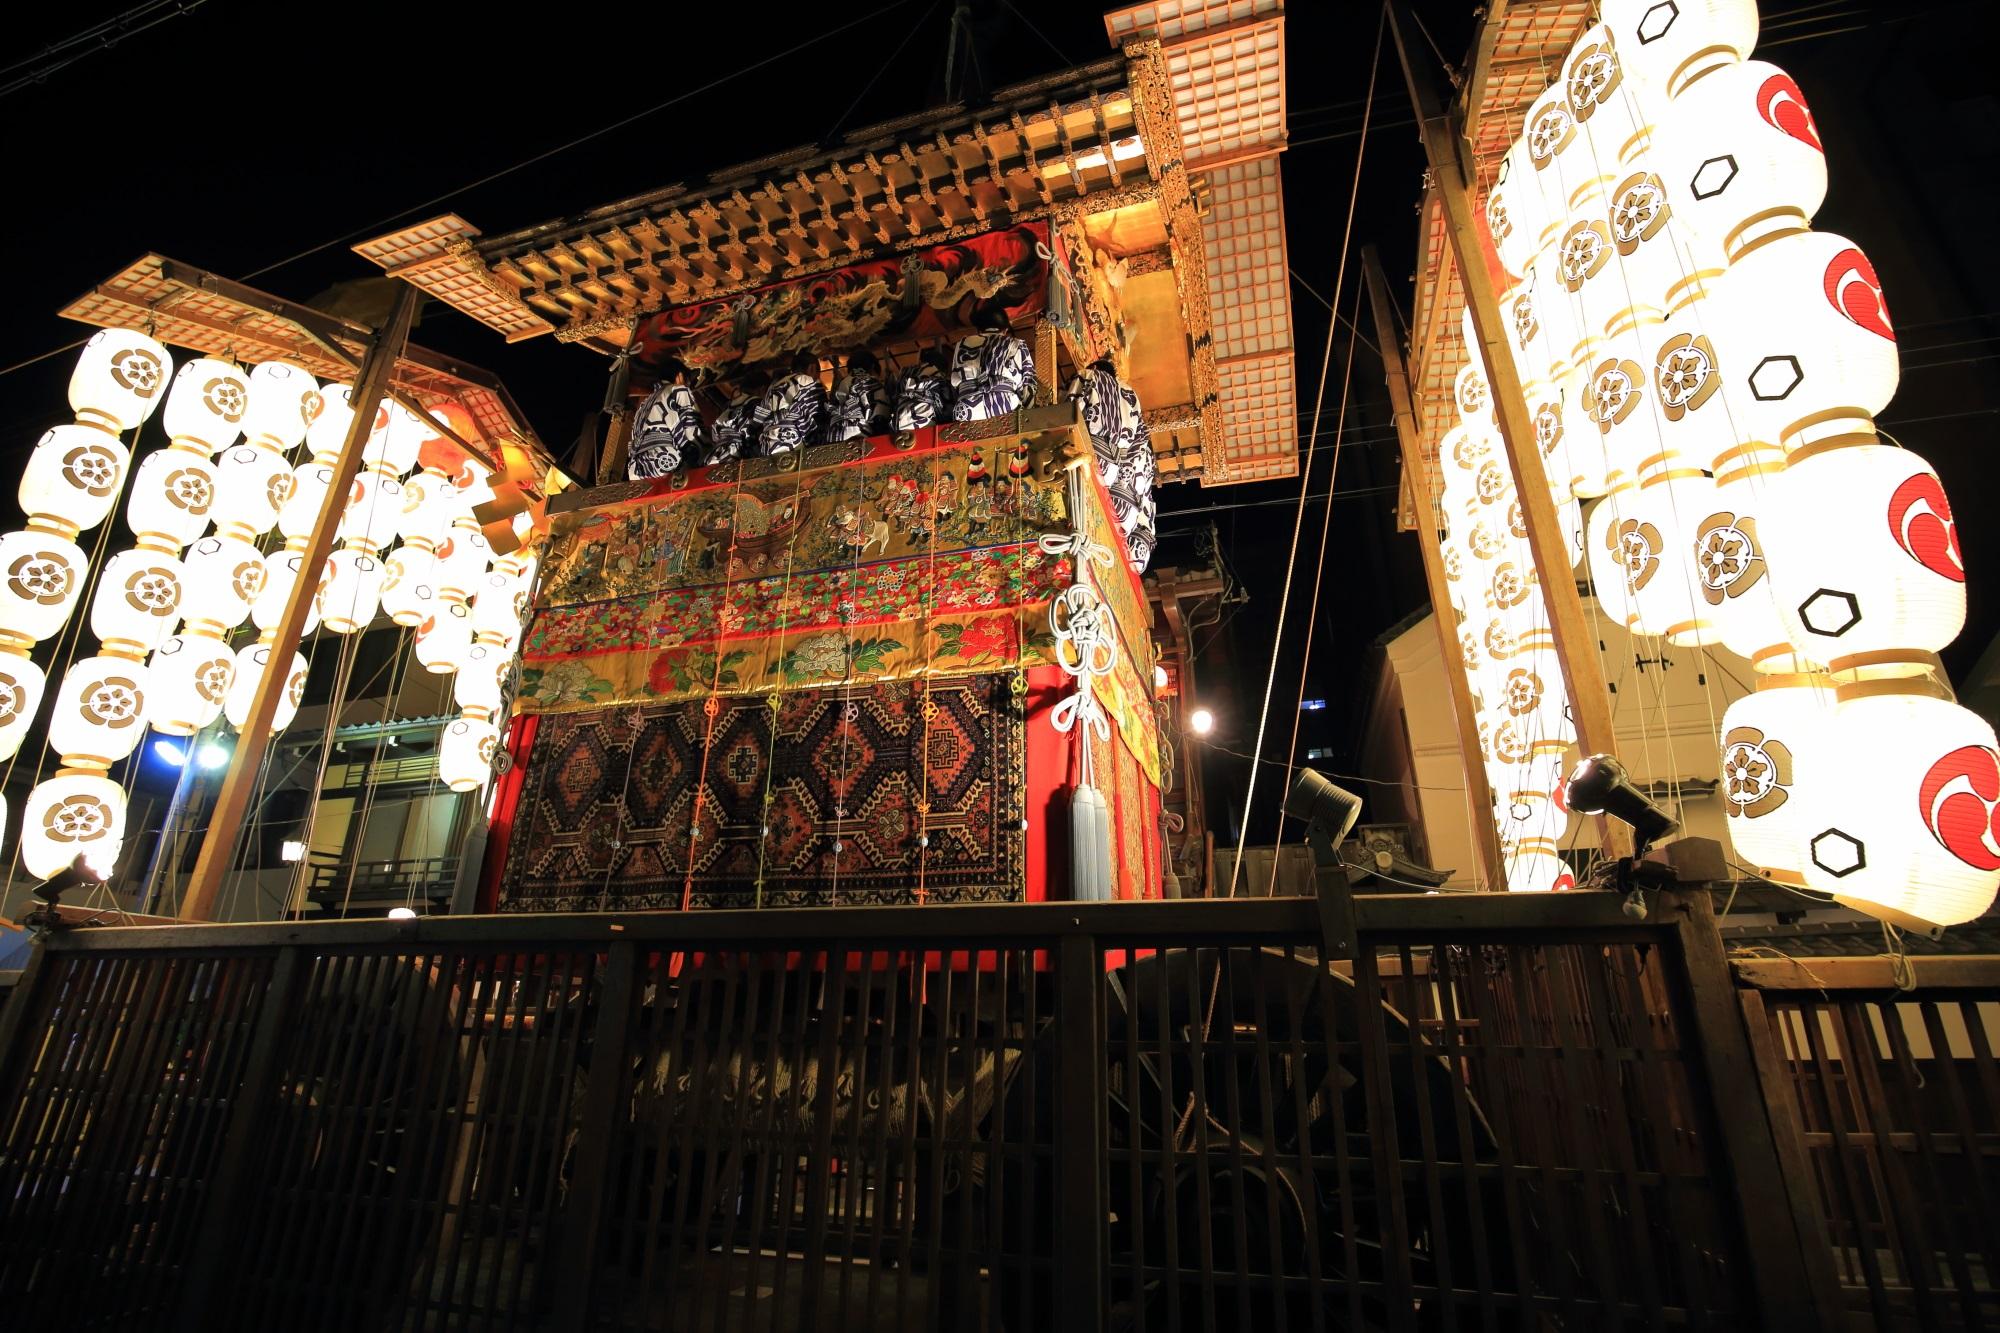 祇園祭 後祭 宵山 駒形提灯と綺麗な山鉾